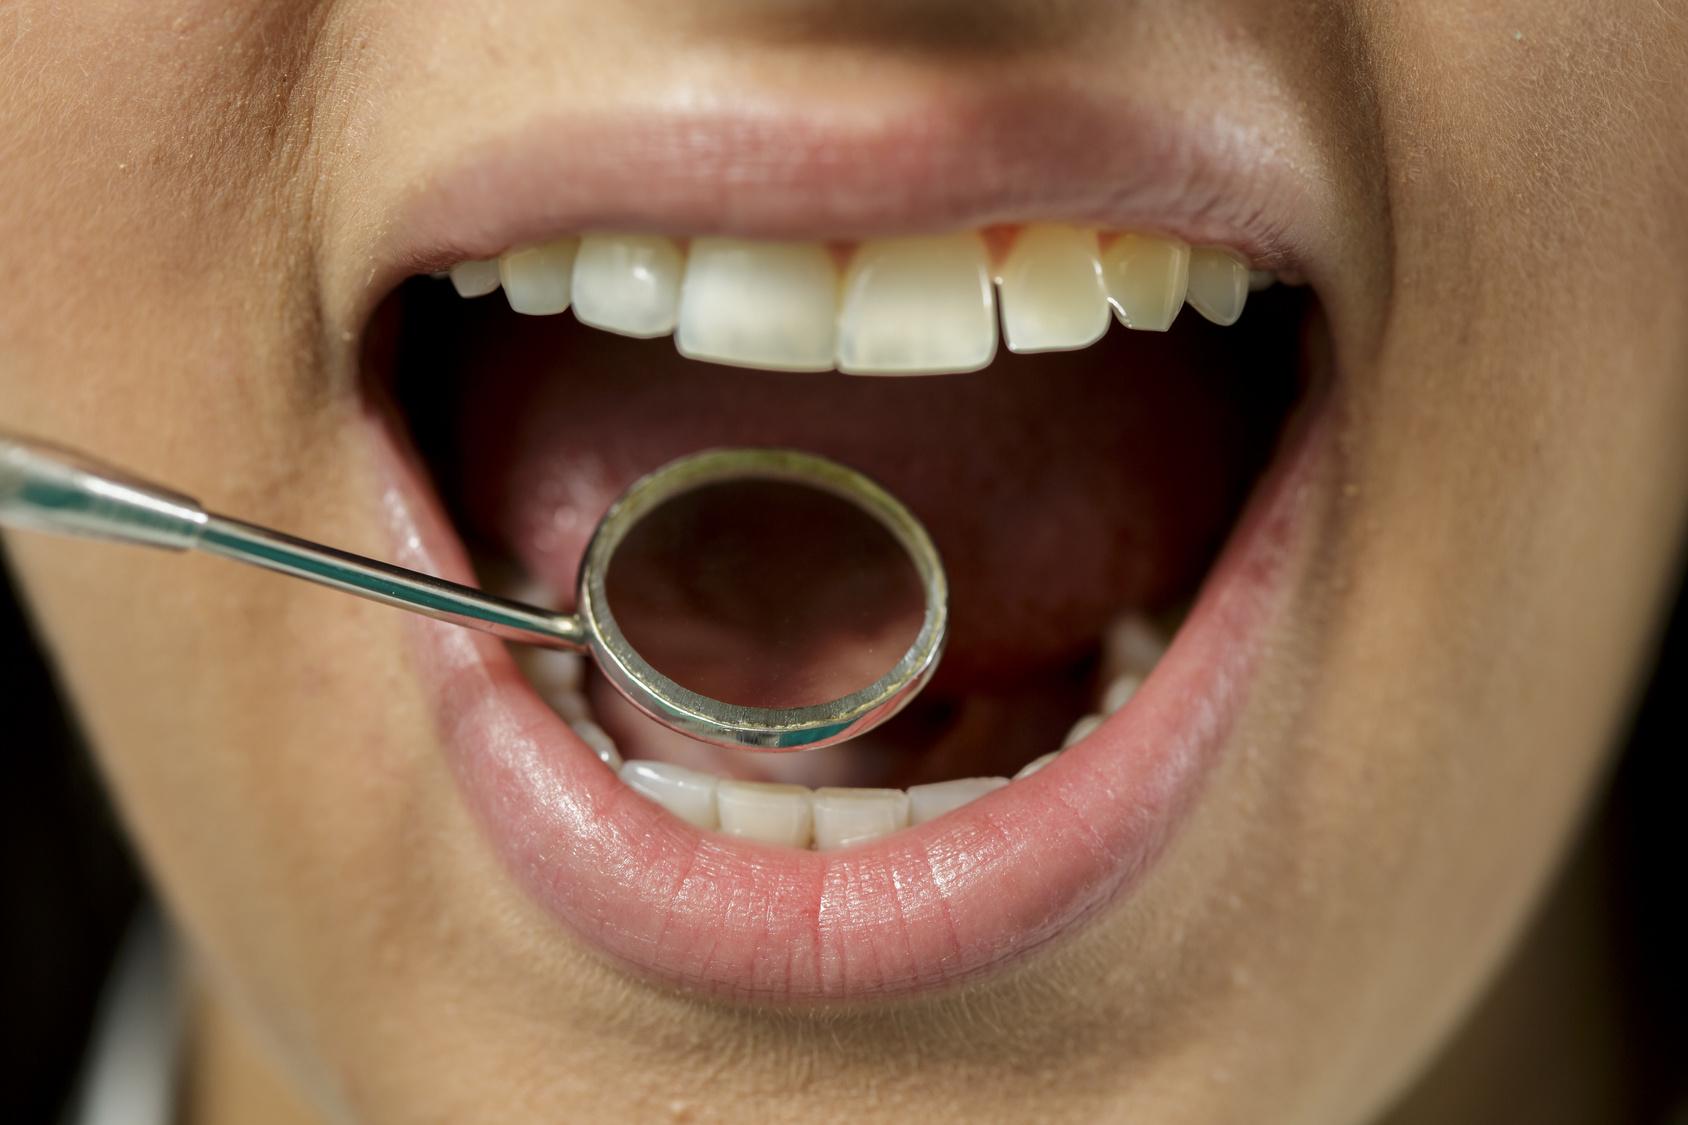 Krebs der Mundhöhle – Risikofaktoren und Anzeichen